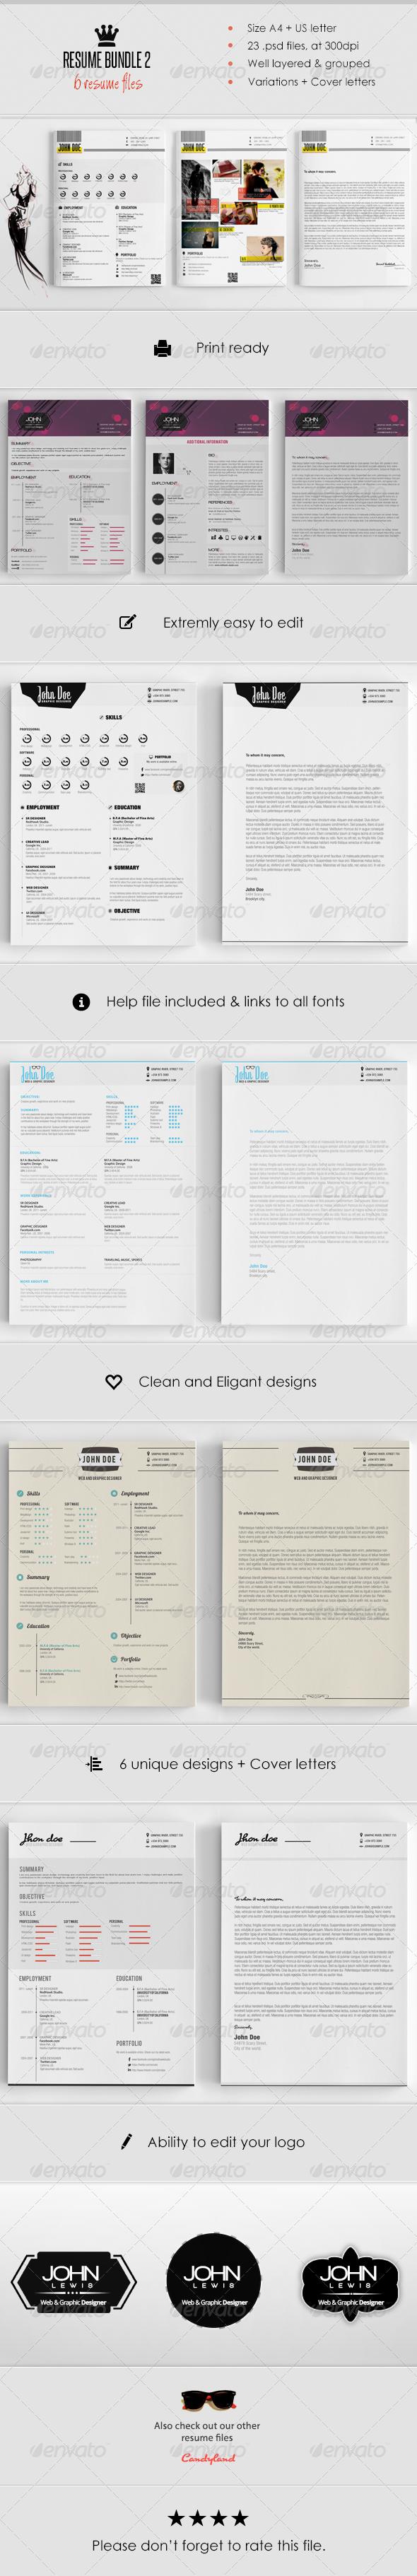 Resume Bundle (6 in 1)